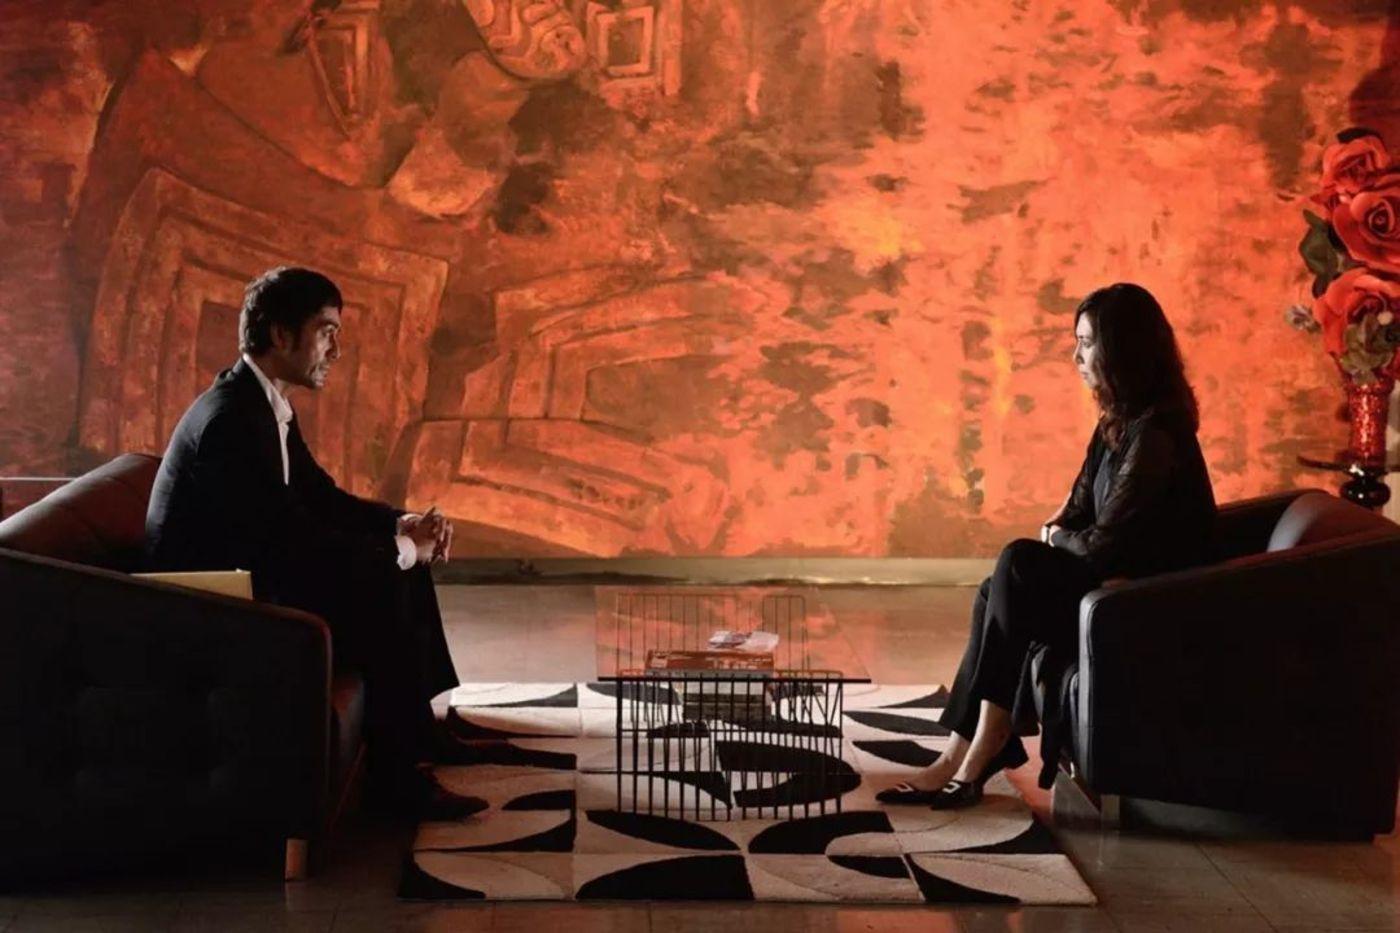 《千与千寻》国内上映,是收割影迷的情怀吗?